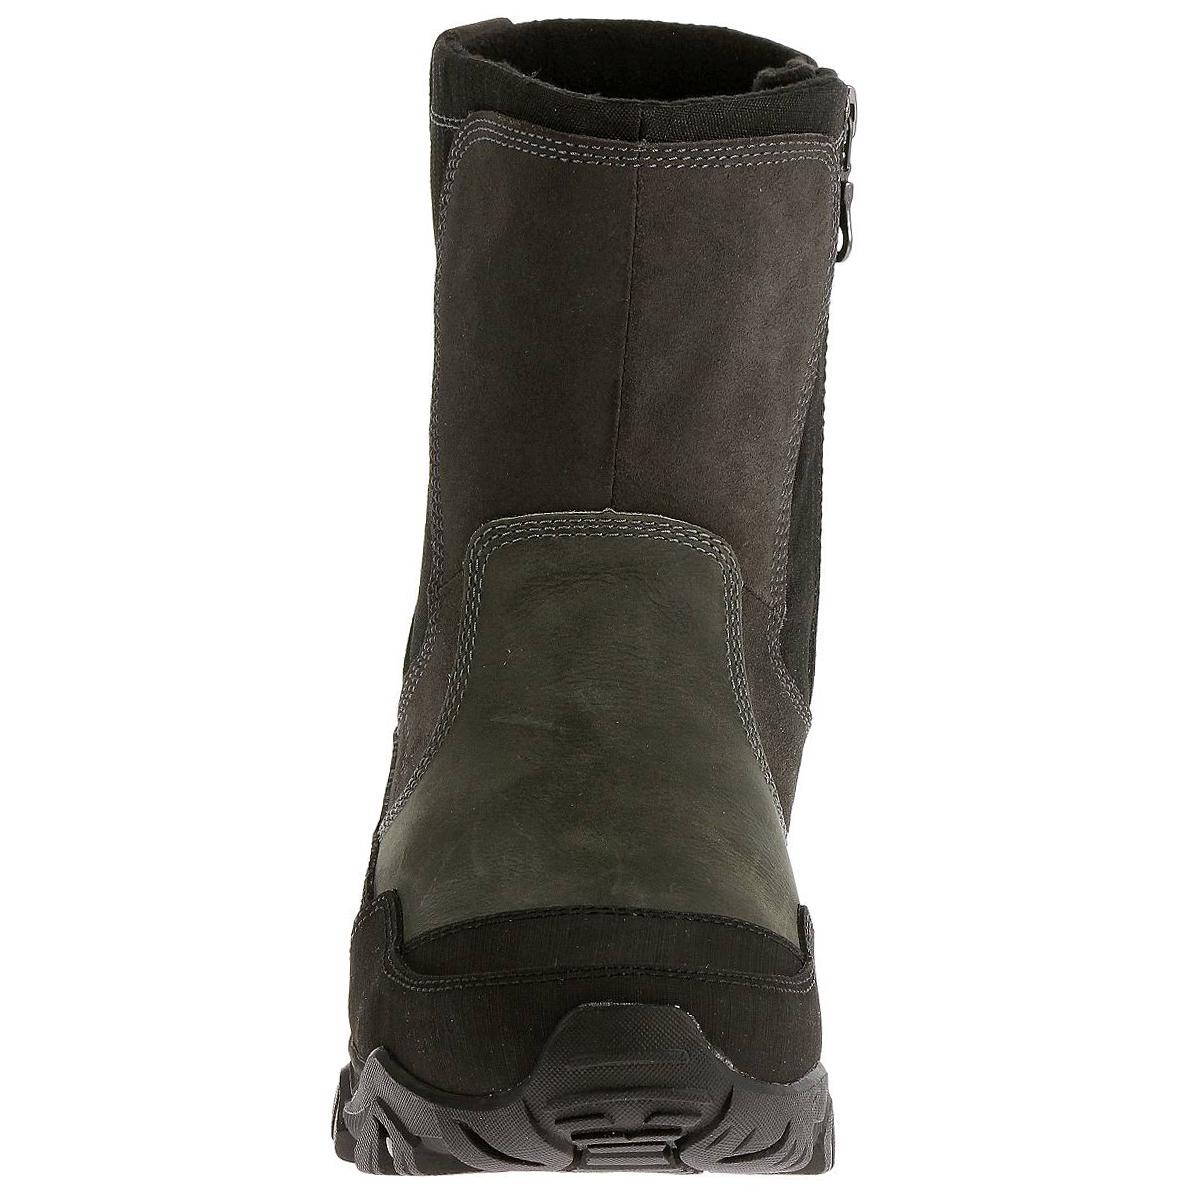 a86d564d MERRELL Men's Polarand Rove Zip Waterproof Boots, Castle Rock ...